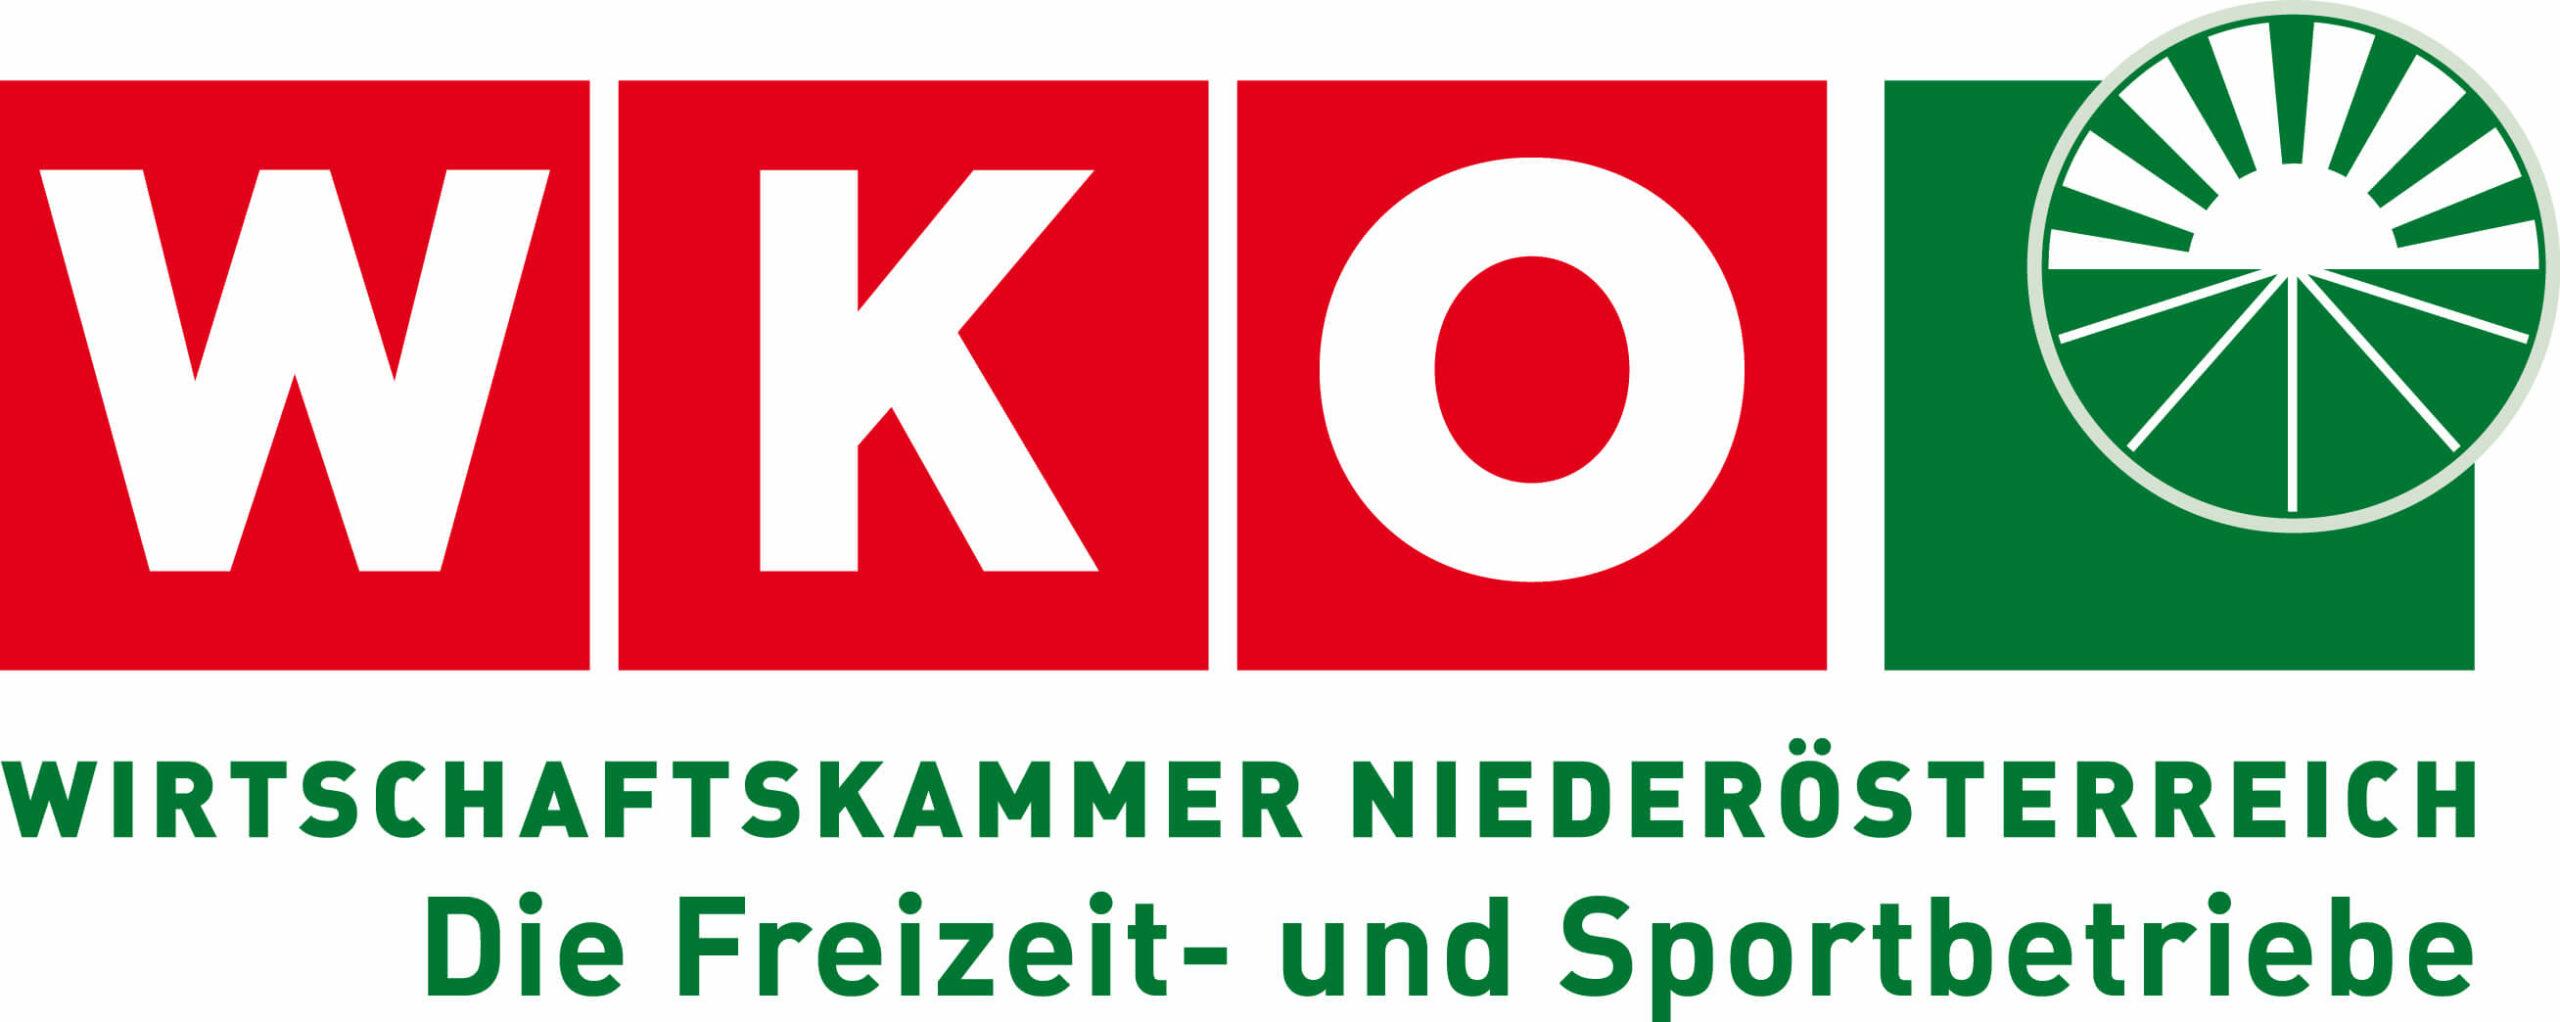 https://www.gesundheit-braucht-fitness.at/wp-content/uploads/2020/12/Logo-WK-freizeit_sport_no4-scaled.jpg